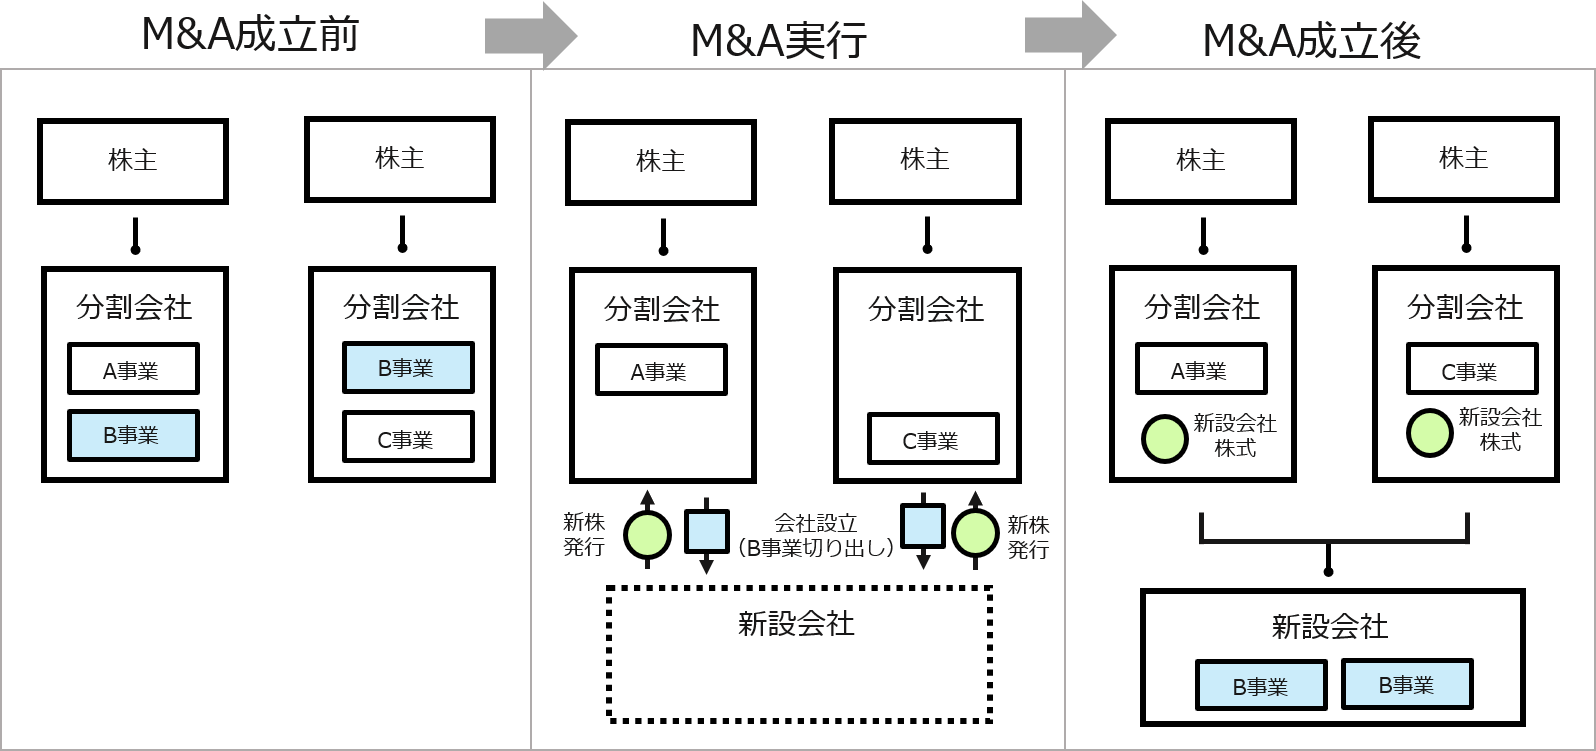 M&A(エムアンドエー)のスキーム 会社分割(共同新設分社型分割)の図